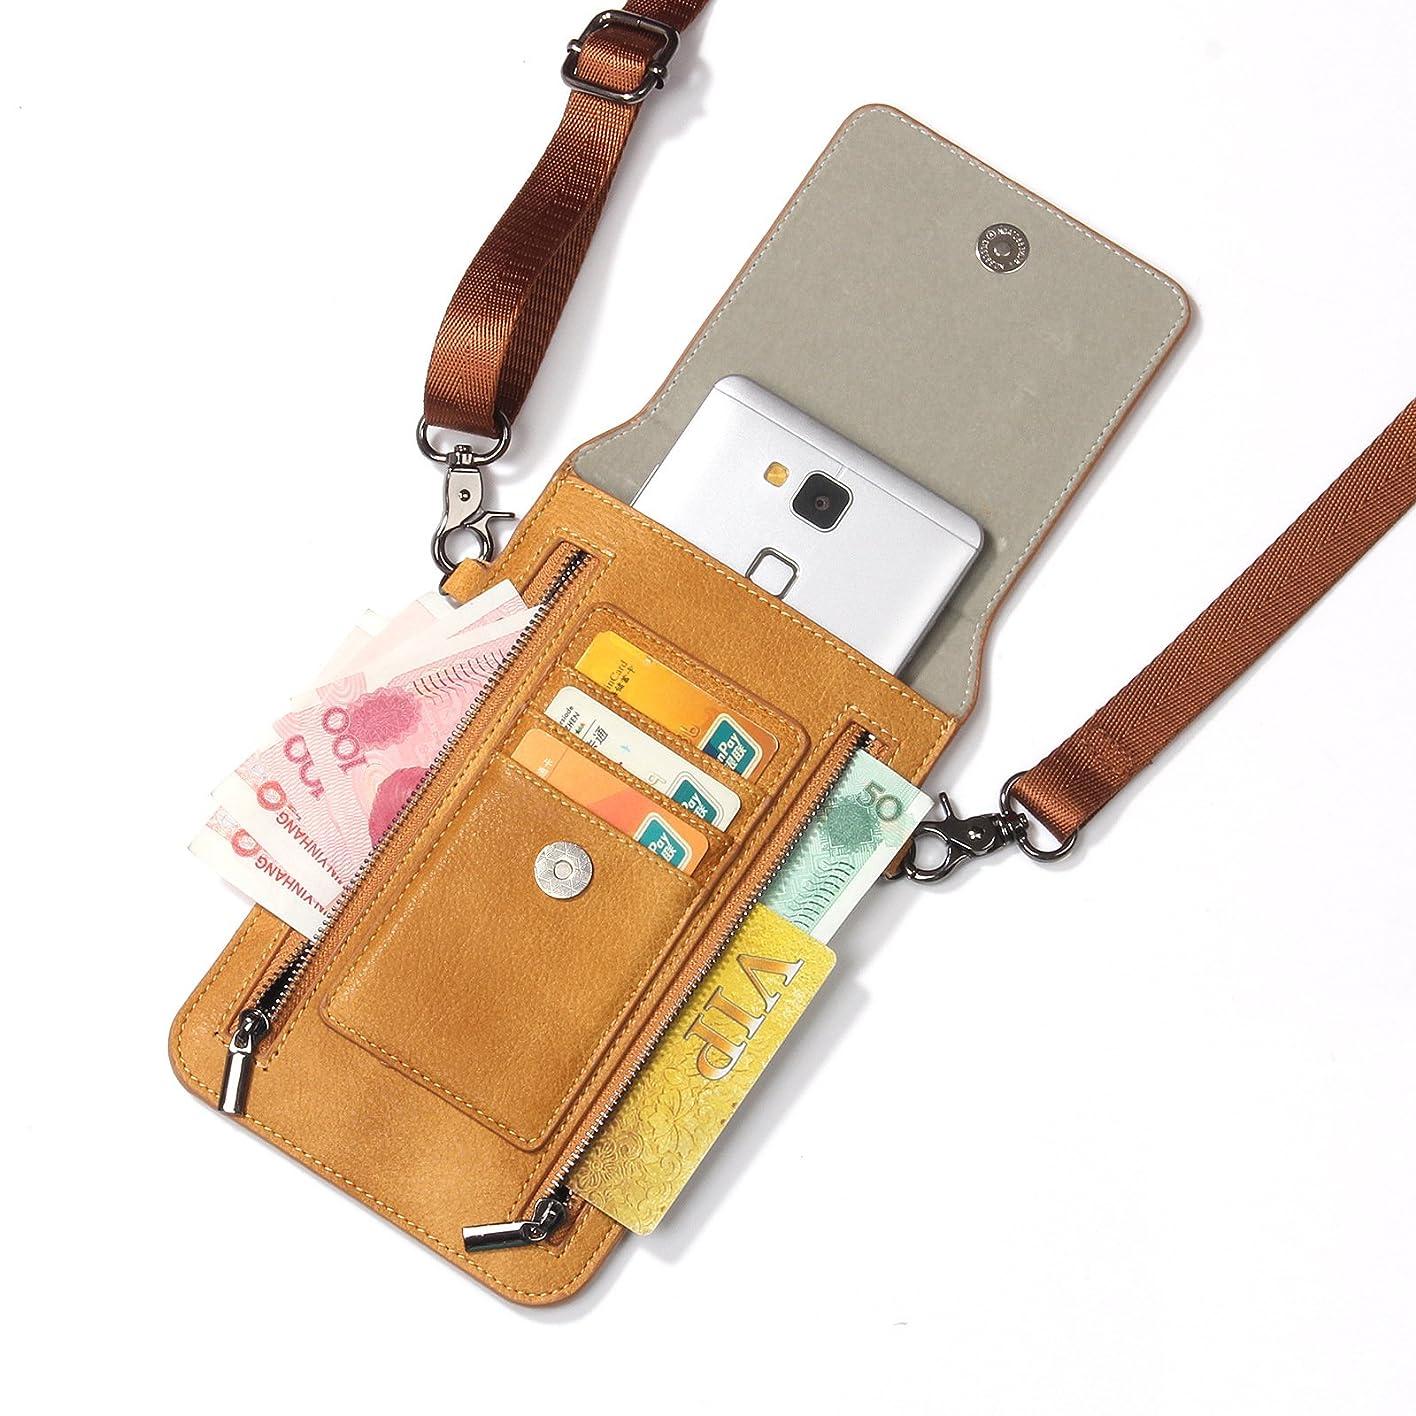 早い内陸同盟iPhone XS Max ケース レザー INorton 多機能スマホポーチ 保護カバー 財布型 軽量 カード お金収納 ストラップ付き iPhone X /8/8Plus/7/7Plusなど6.5インチ汎用